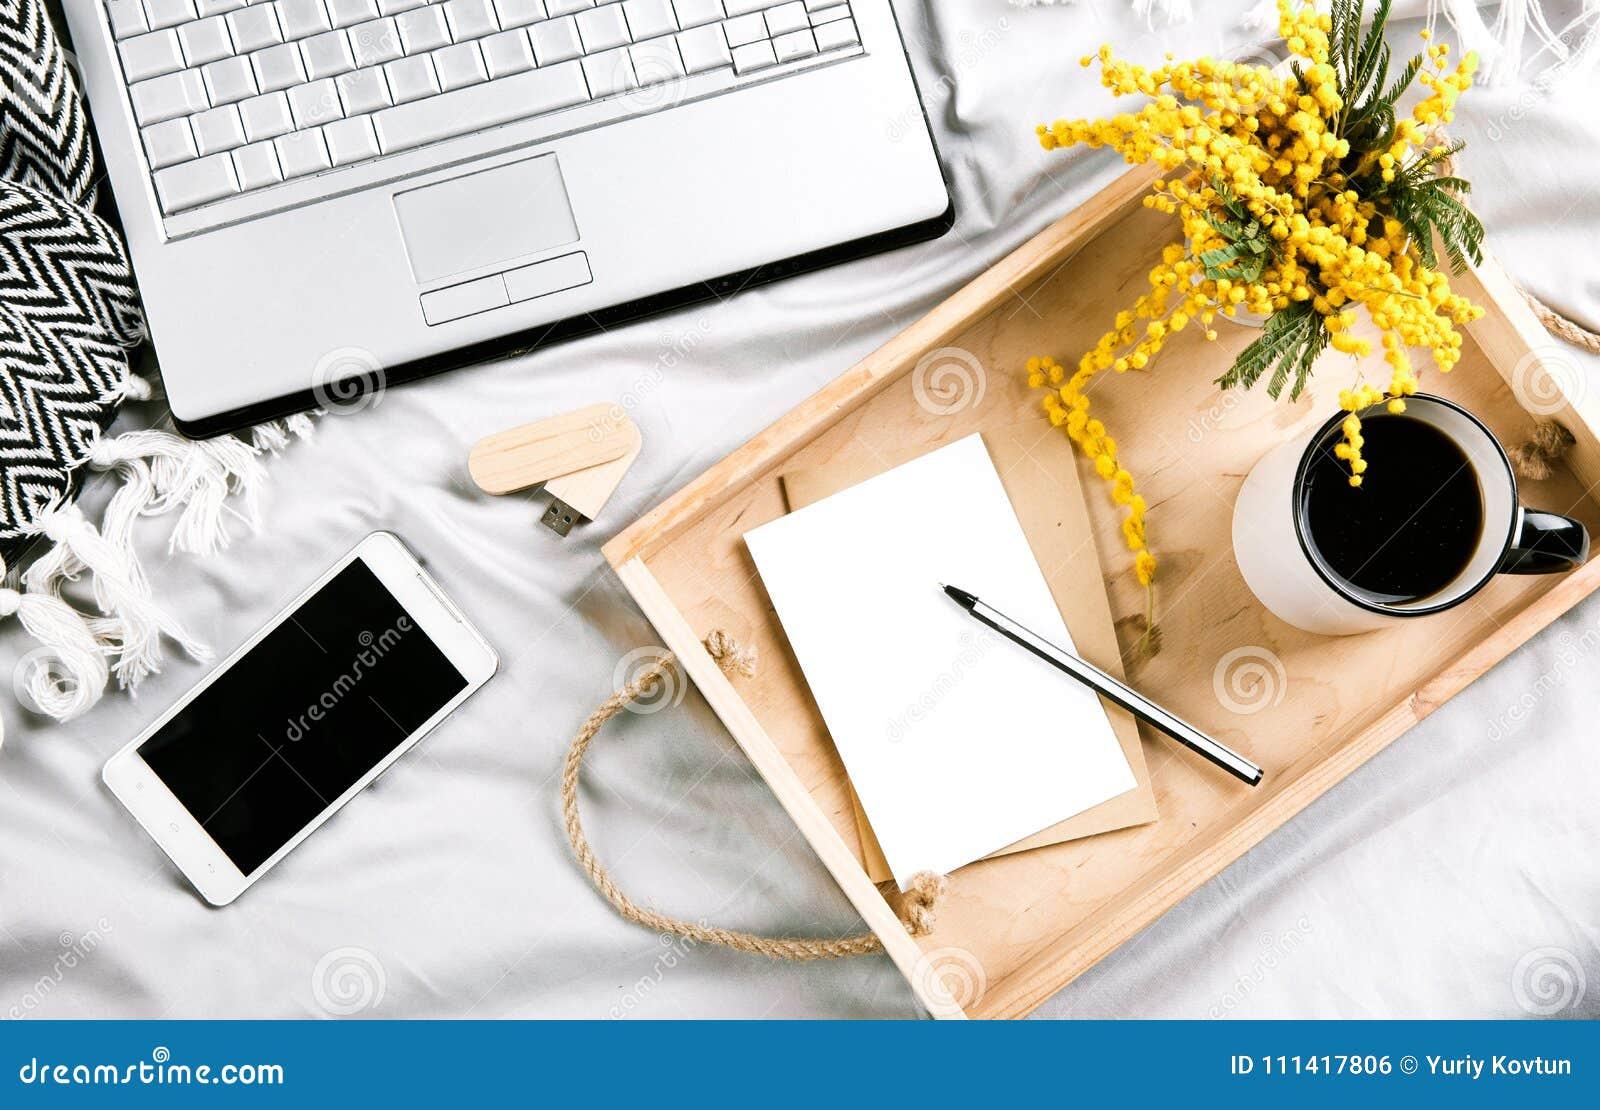 Stellen Sie Mit Blumen Und Einem Bett Des Laptops Morgens Mit Arbeit